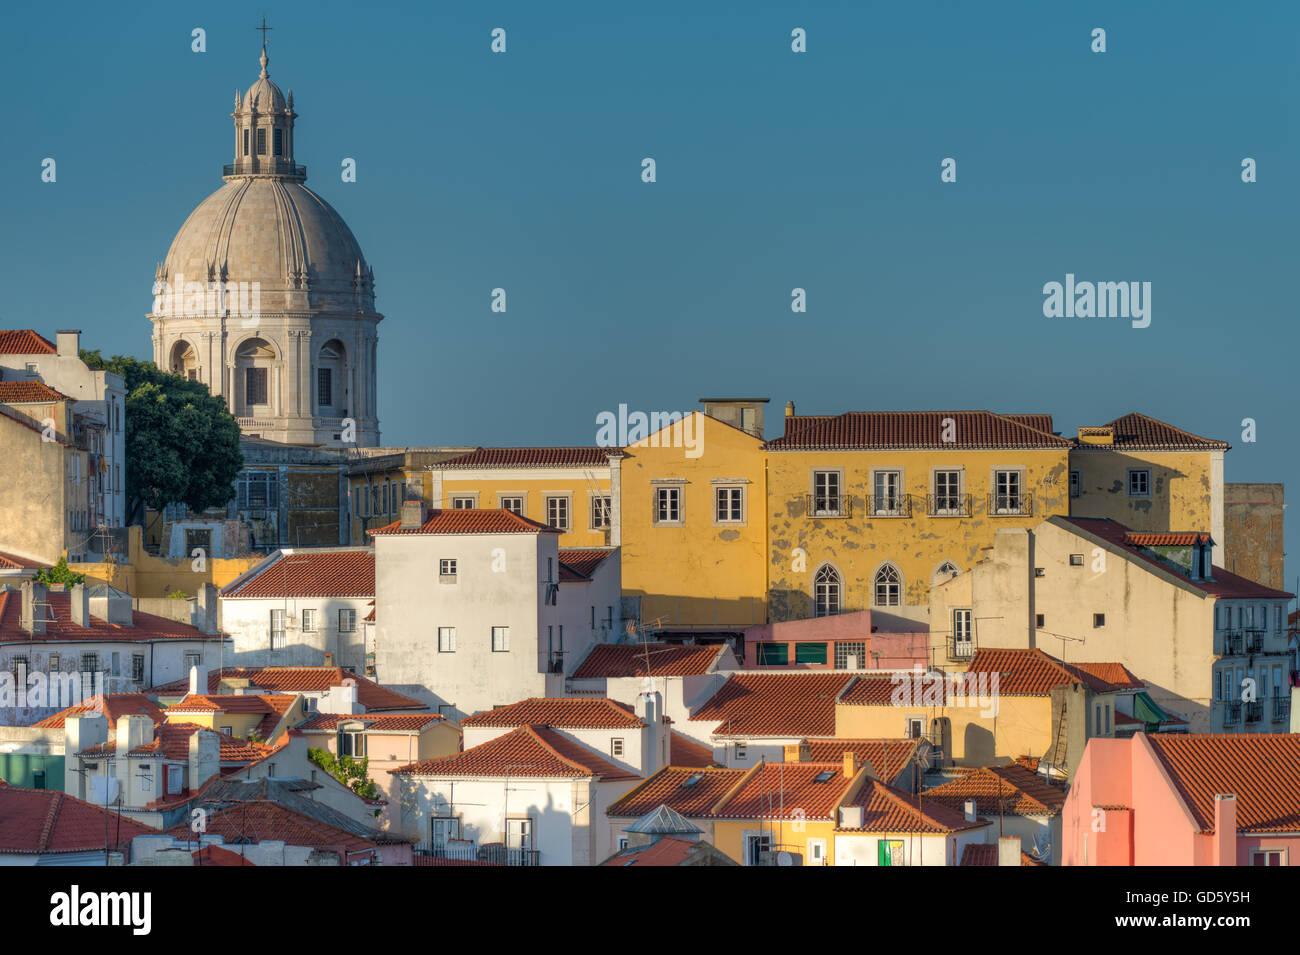 Quartiere di Alfama, Lisbona, Portogallo Foto Stock